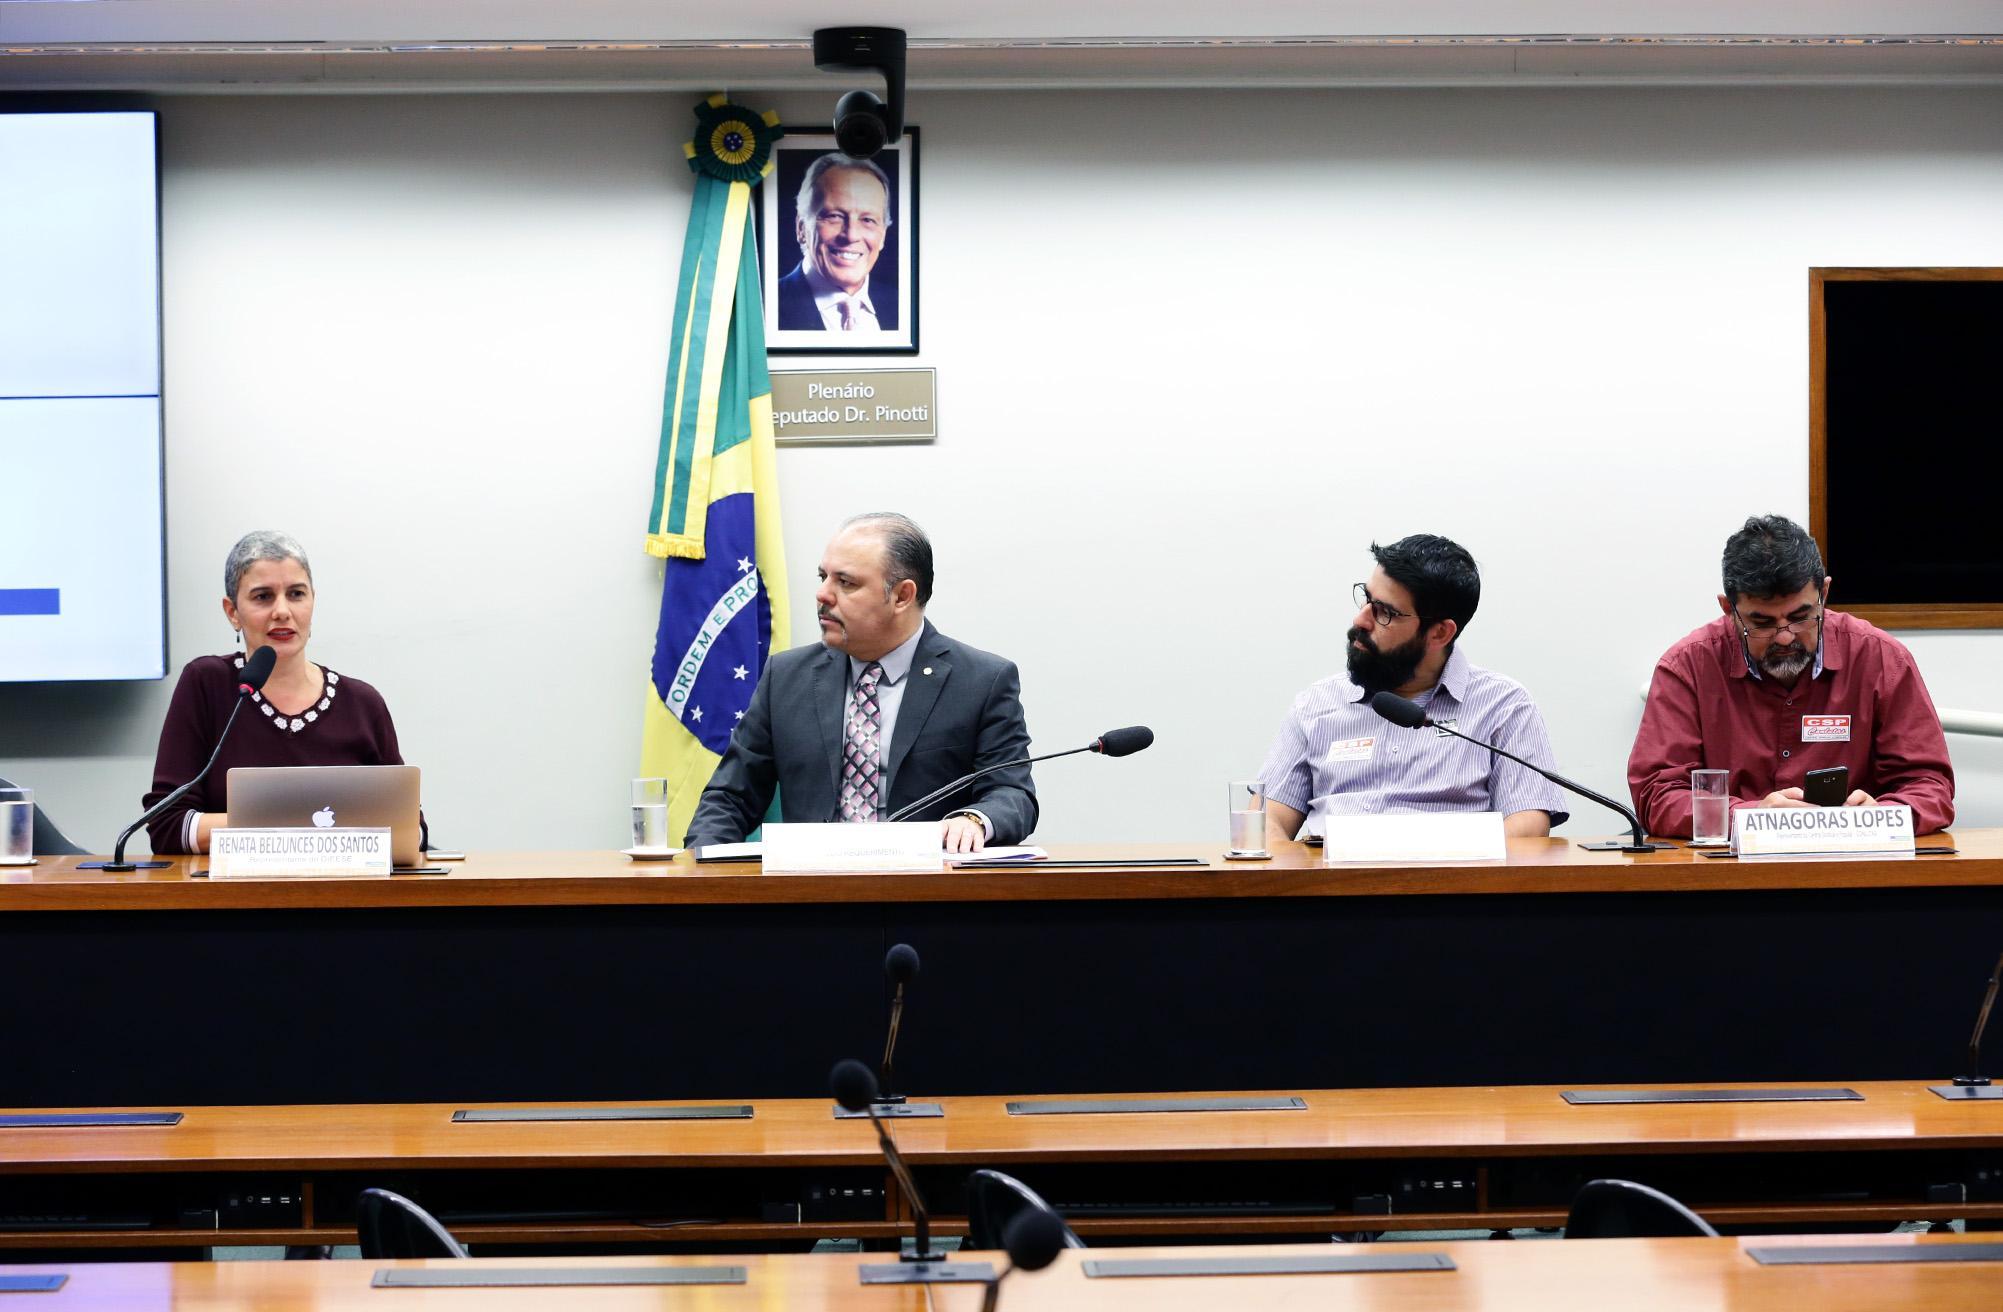 Audiência Pública sobre a previdência da EMBRAER.